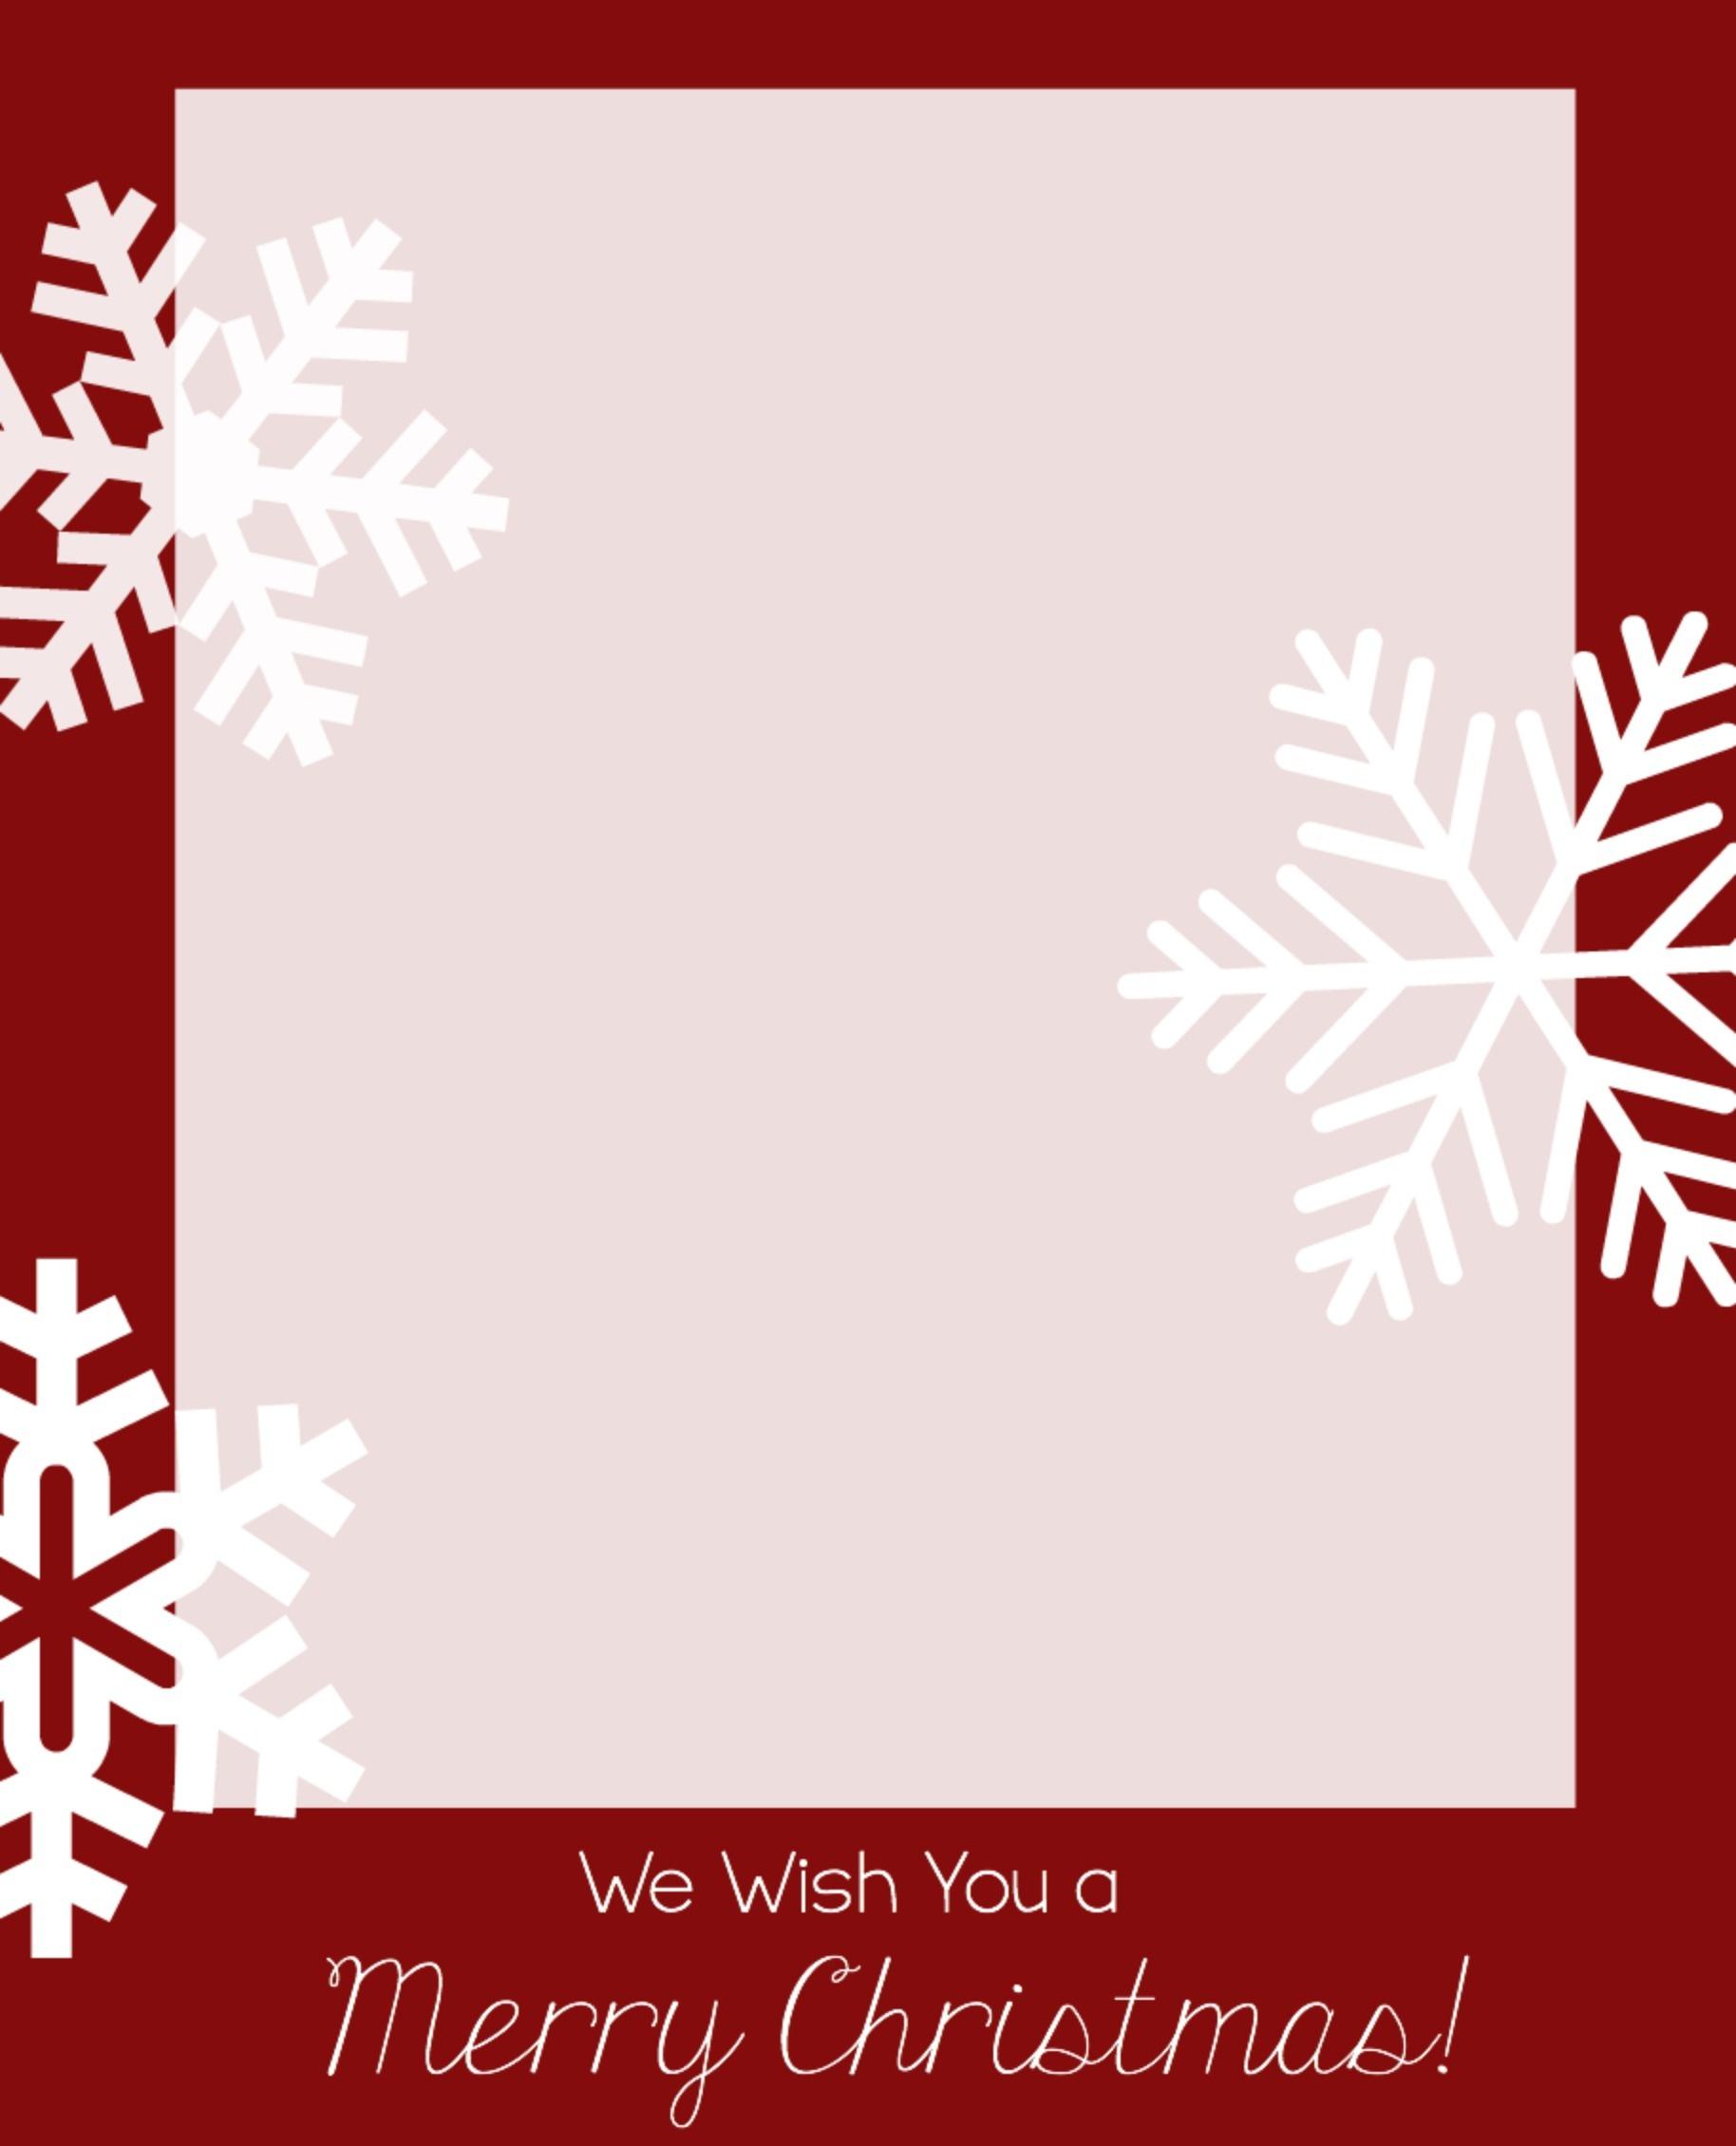 Christmas Photocard Template - Kaza.psstech.co - Free Printable Christmas Card Templates